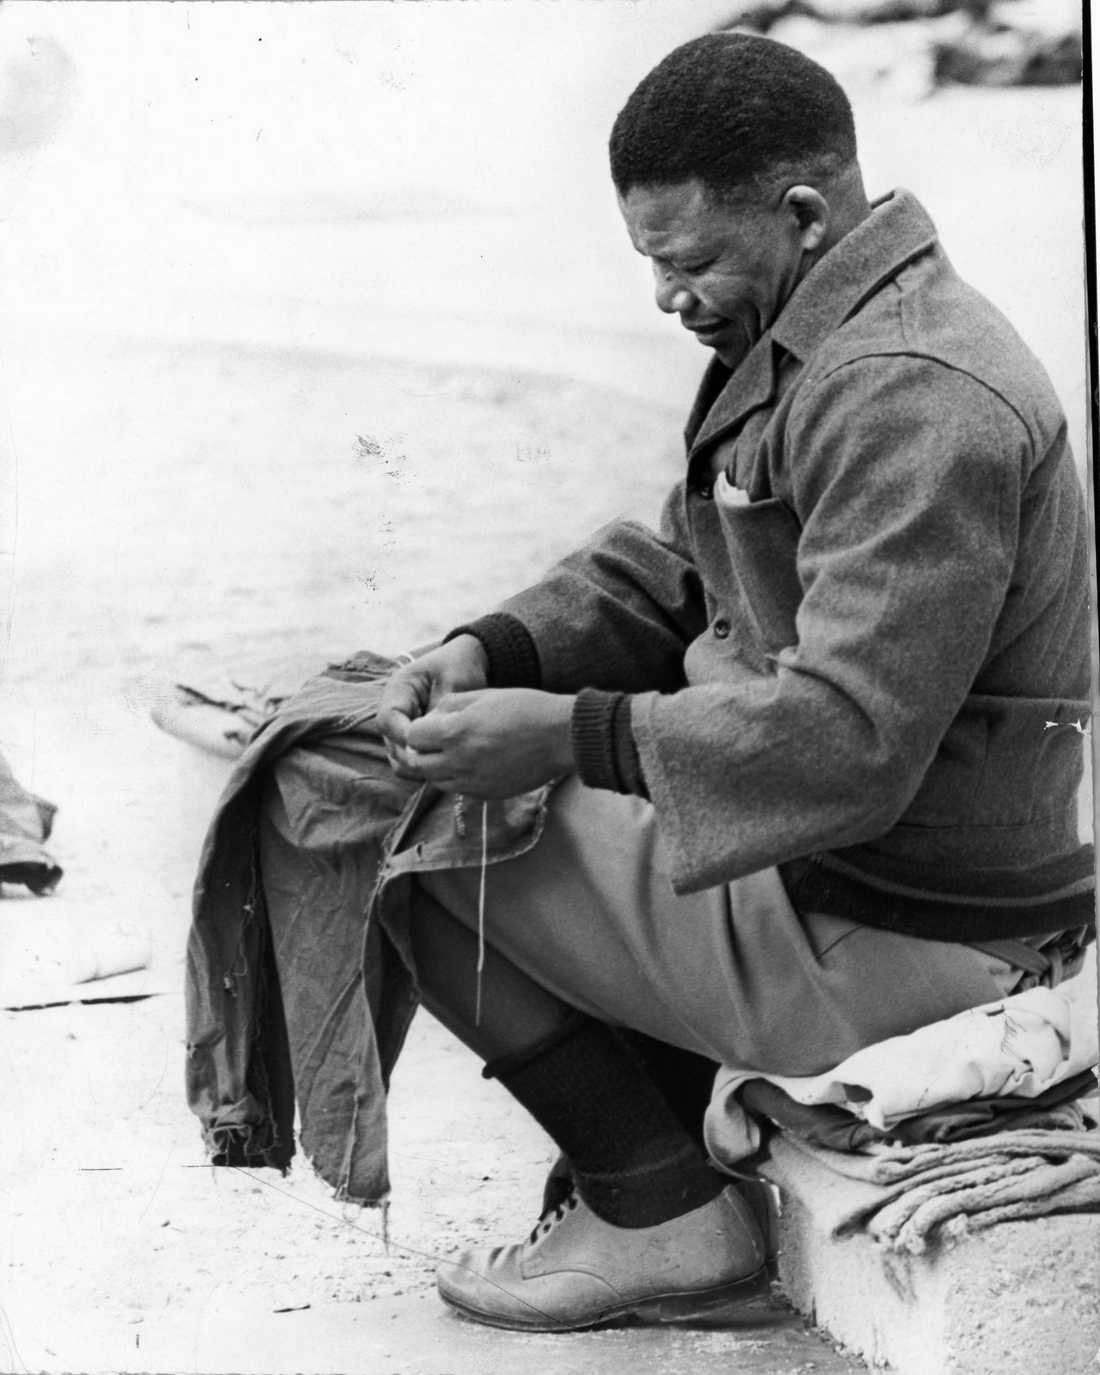 """April 1965. Nelson Mandela i fängelset på Robben Island.  Nelson Mandela fängslades på ön Robben Island där han fick tillbringa de följande 18 åren. Under sin tid i fängelse lyckades Mandela hålla kontakt med ANC, som publicerade ett uttalande om Mandela den 10 juni 1980 där det bland annat stod: """"Förena! Mobilisera! Fortsätt kampen! Mellan städet av en förenad massaktion och hammaren som är den väpnade kampen kommer vi att krossa apartheid!"""""""